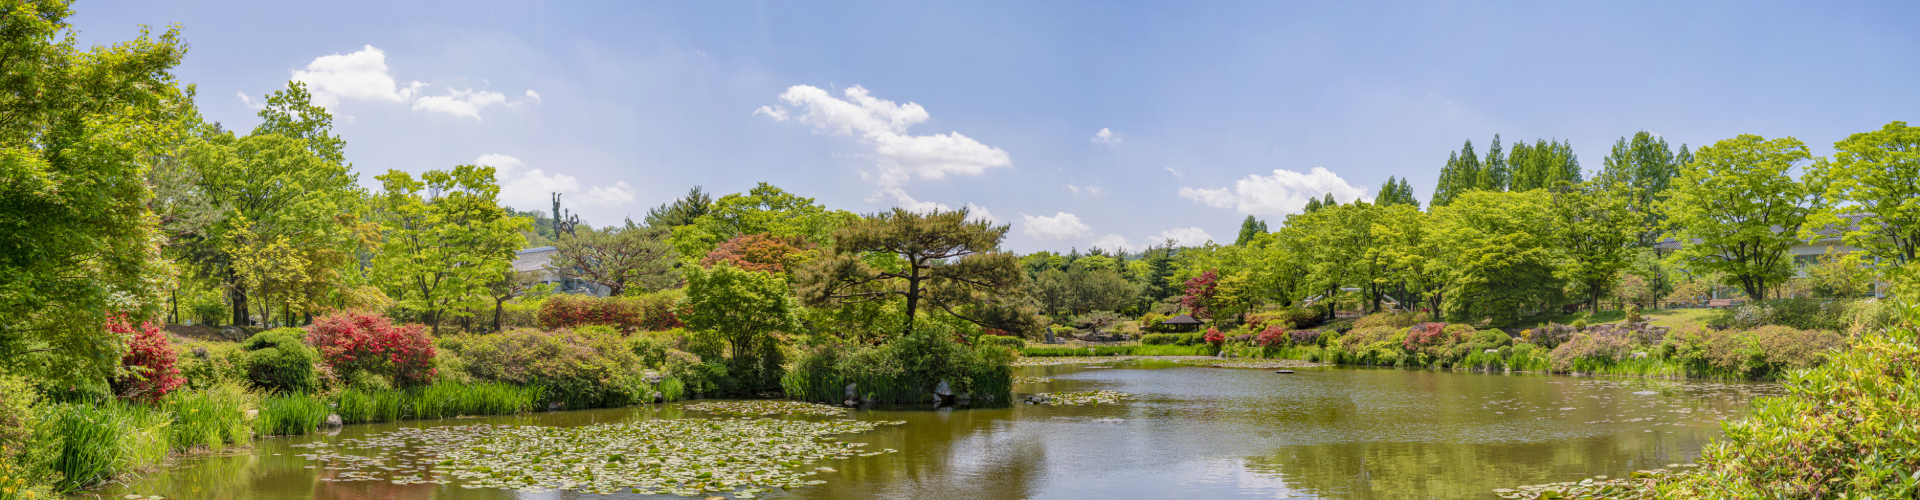 현충원 내 연못